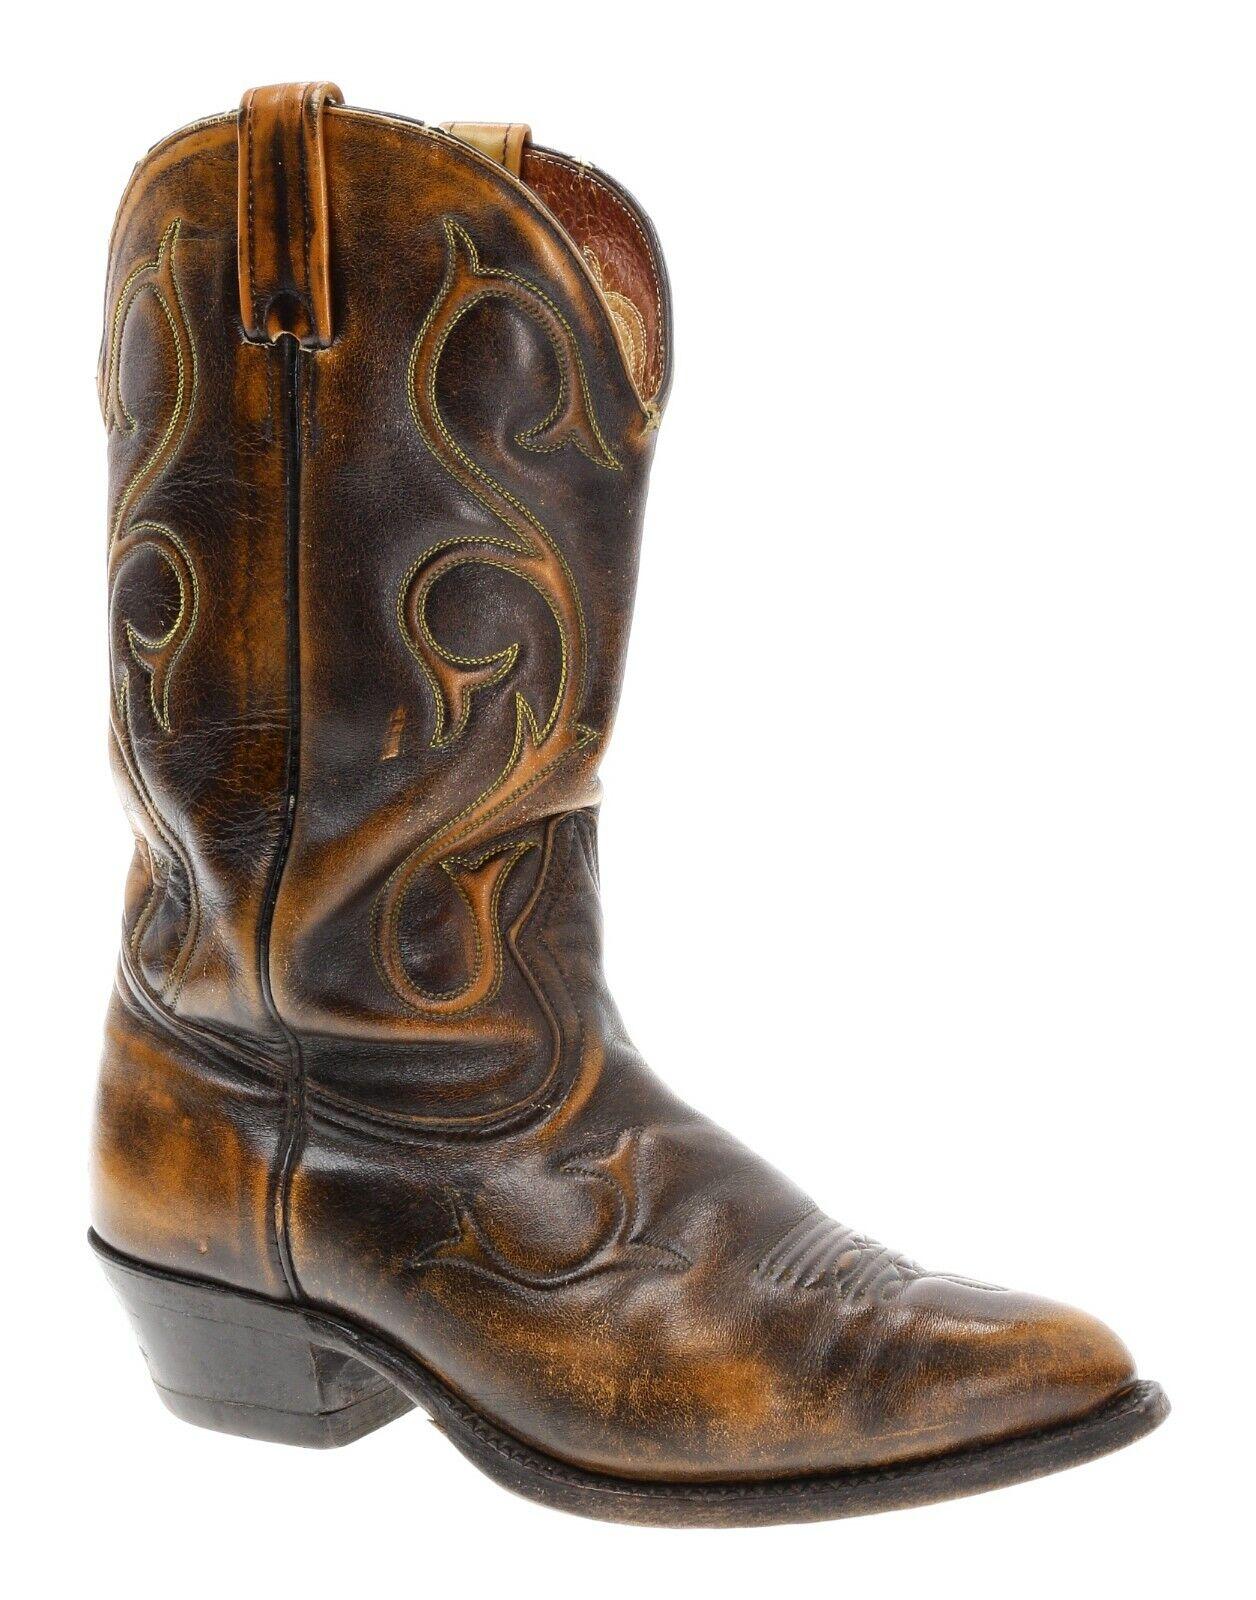 Wicked angustiado marrón Leather Vintage Rockabilly botas De Vaquero Motocicleta 7 Extra Ancho